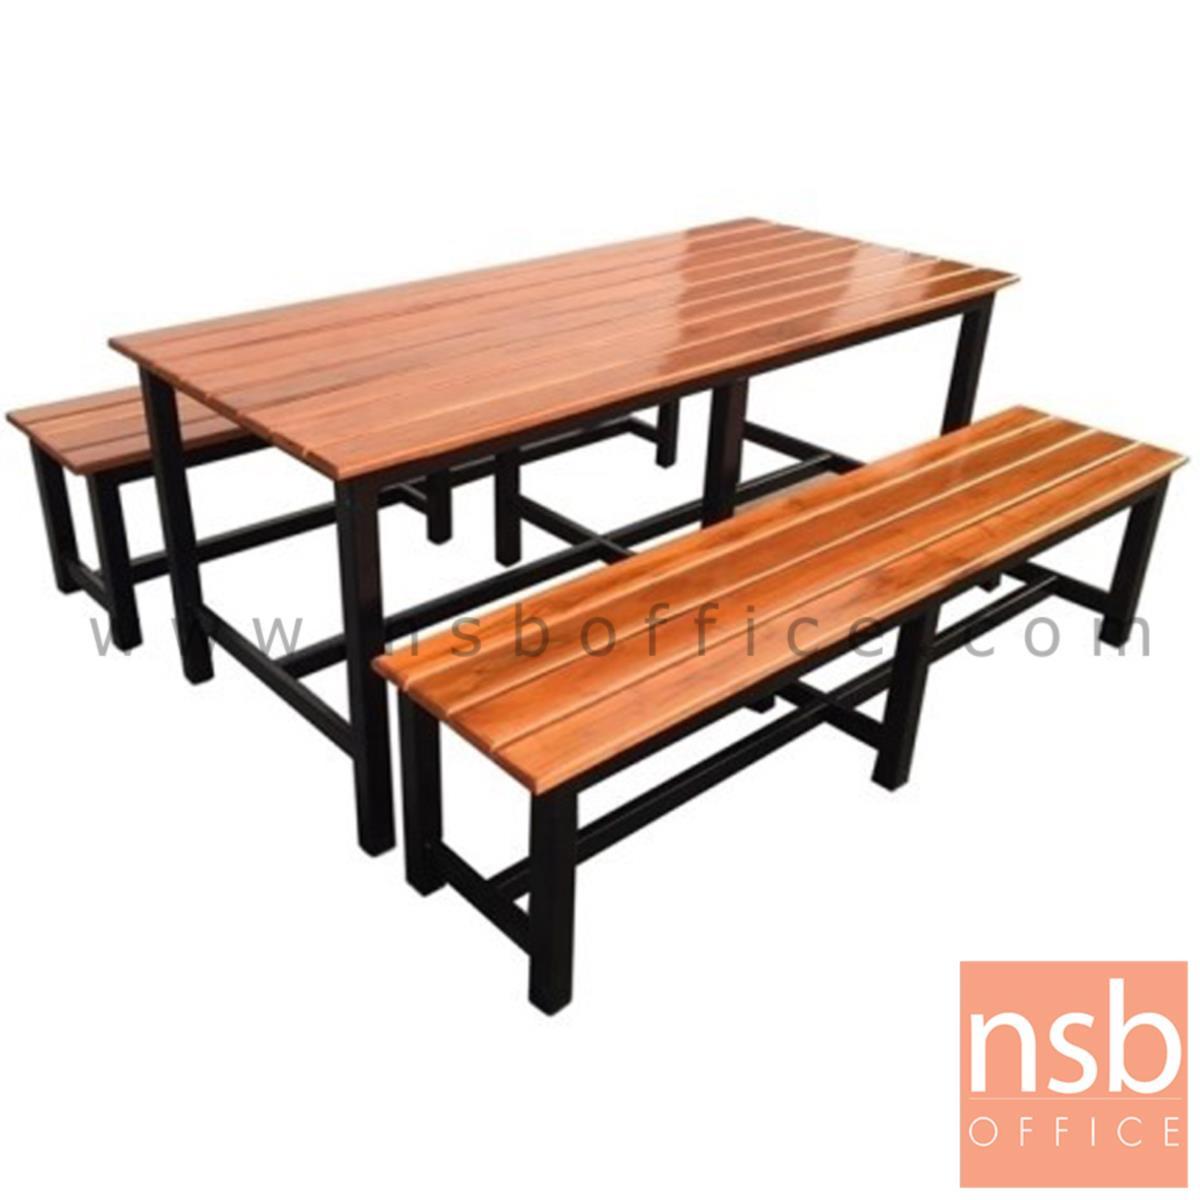 A17A078:โต๊ะโรงอาหารไม้สักทองตีระแนง รุ่น OKLAHOMA (โอกลาโฮมา)  ขนาด 180W cm. ขาเหล็ก